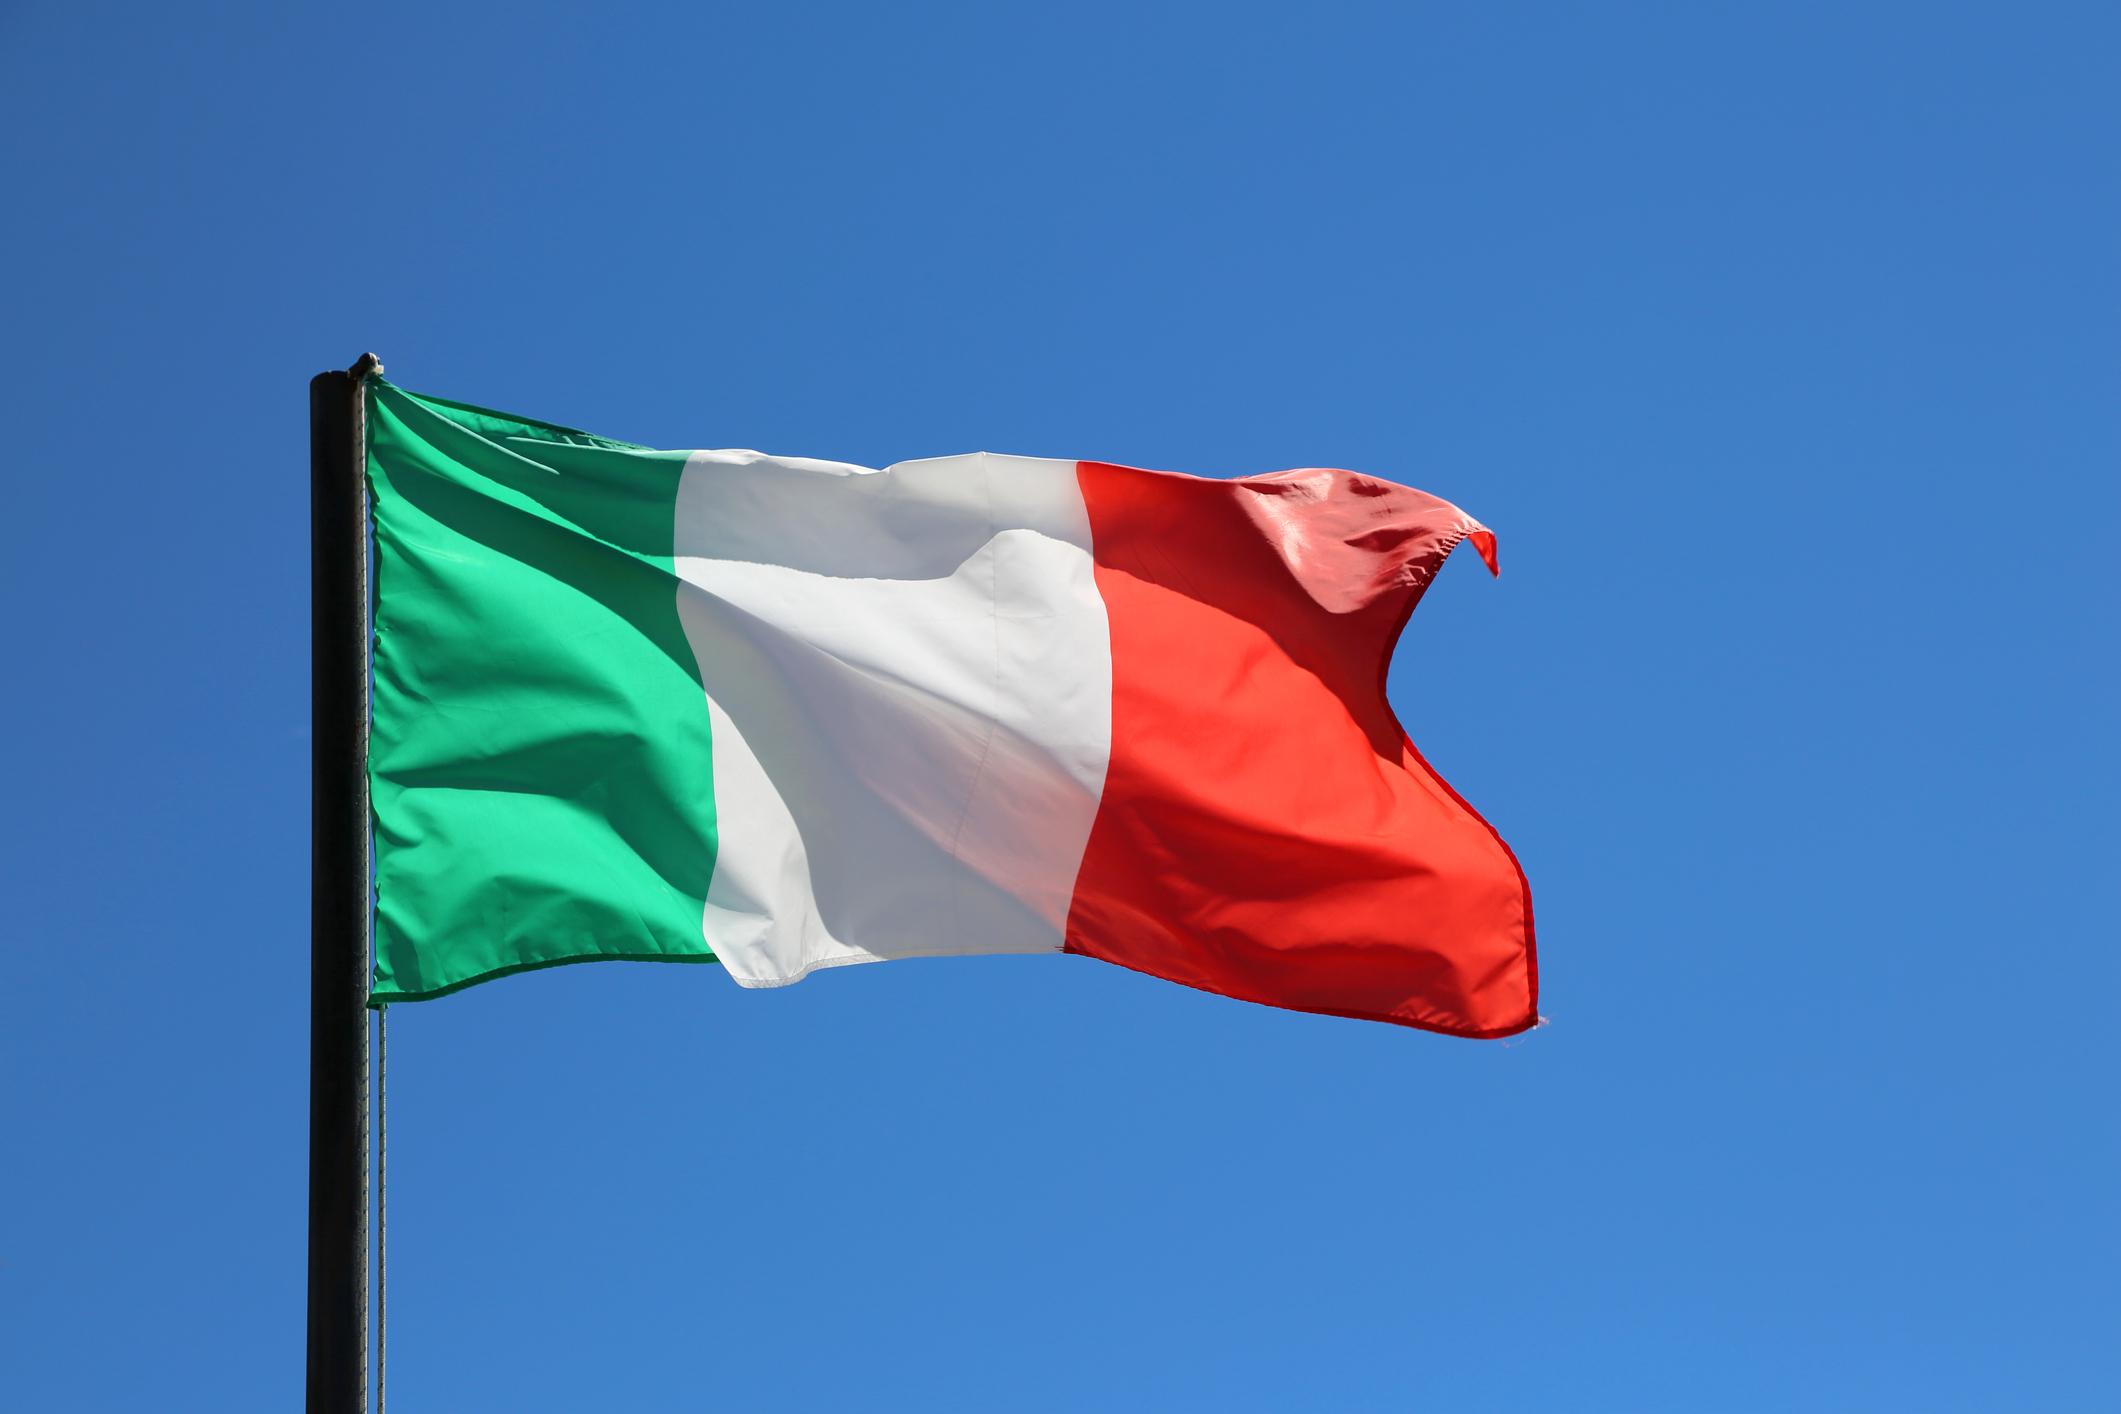 DAFOH richtet Appell an Italiener: Eigenen Werten treu bleiben – sich vom KP Regime distanzieren